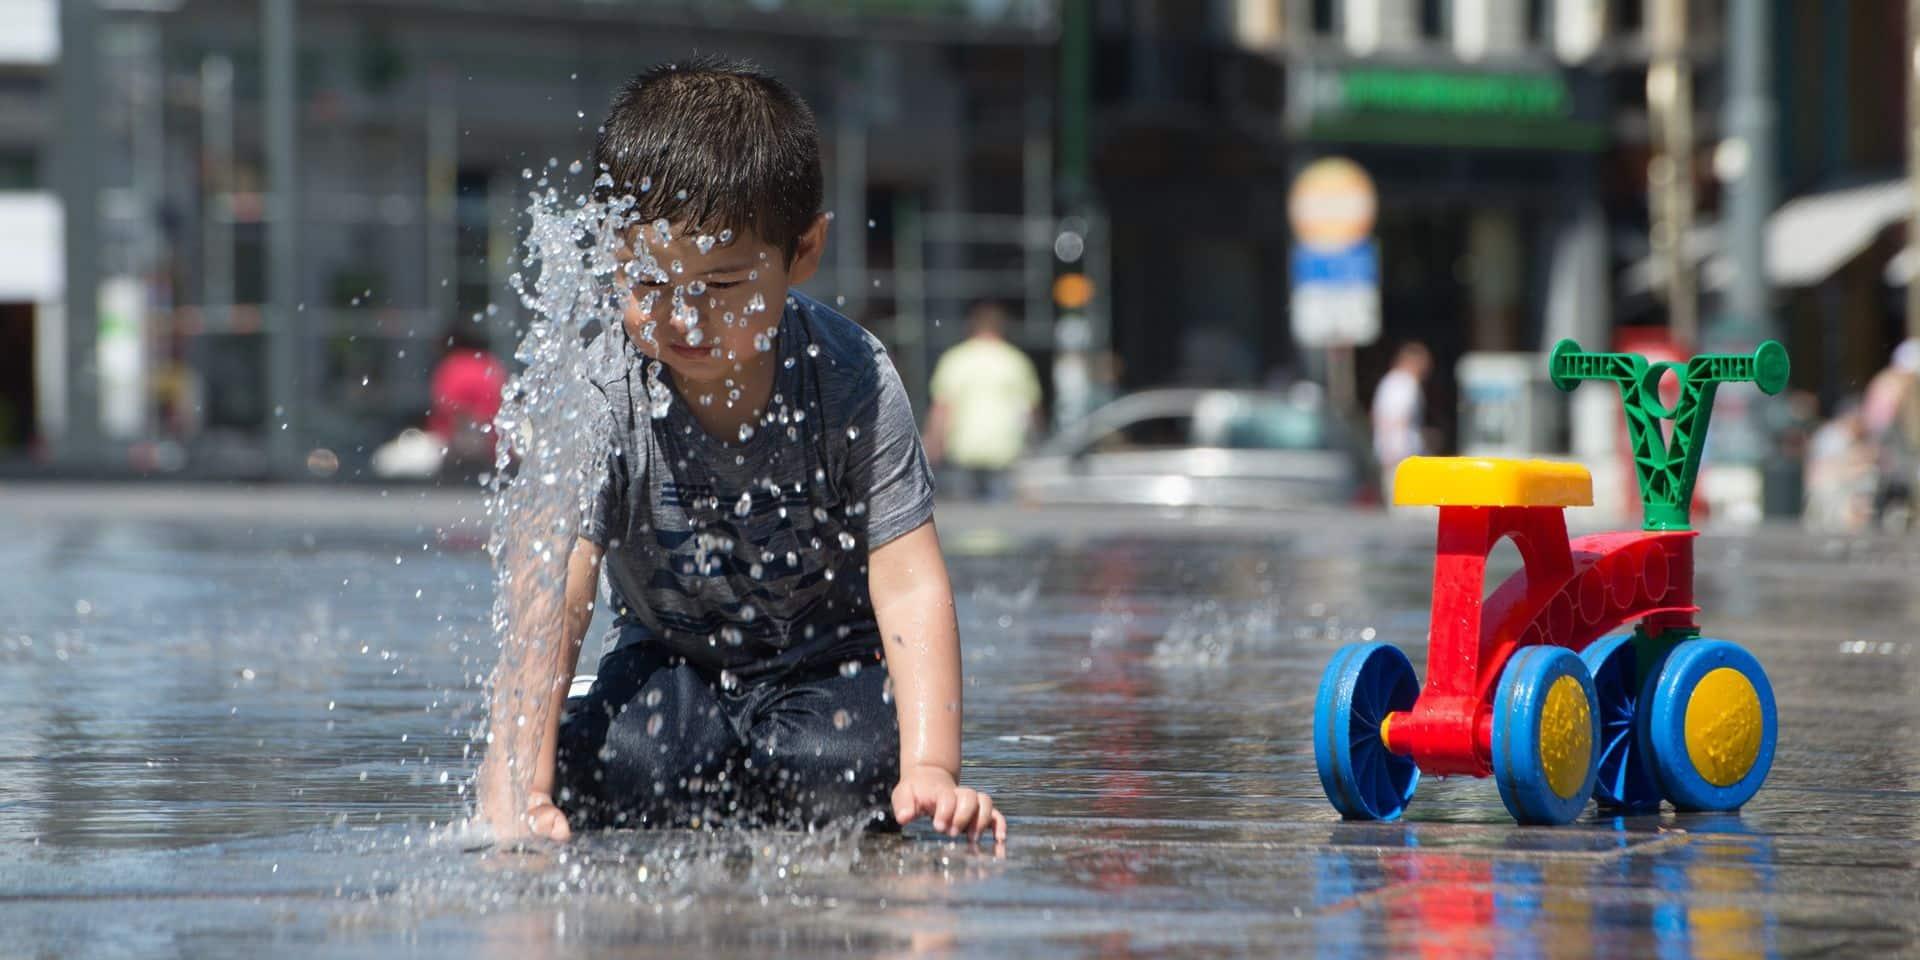 Le deuxième mois d'août le plus chaud depuis 1981